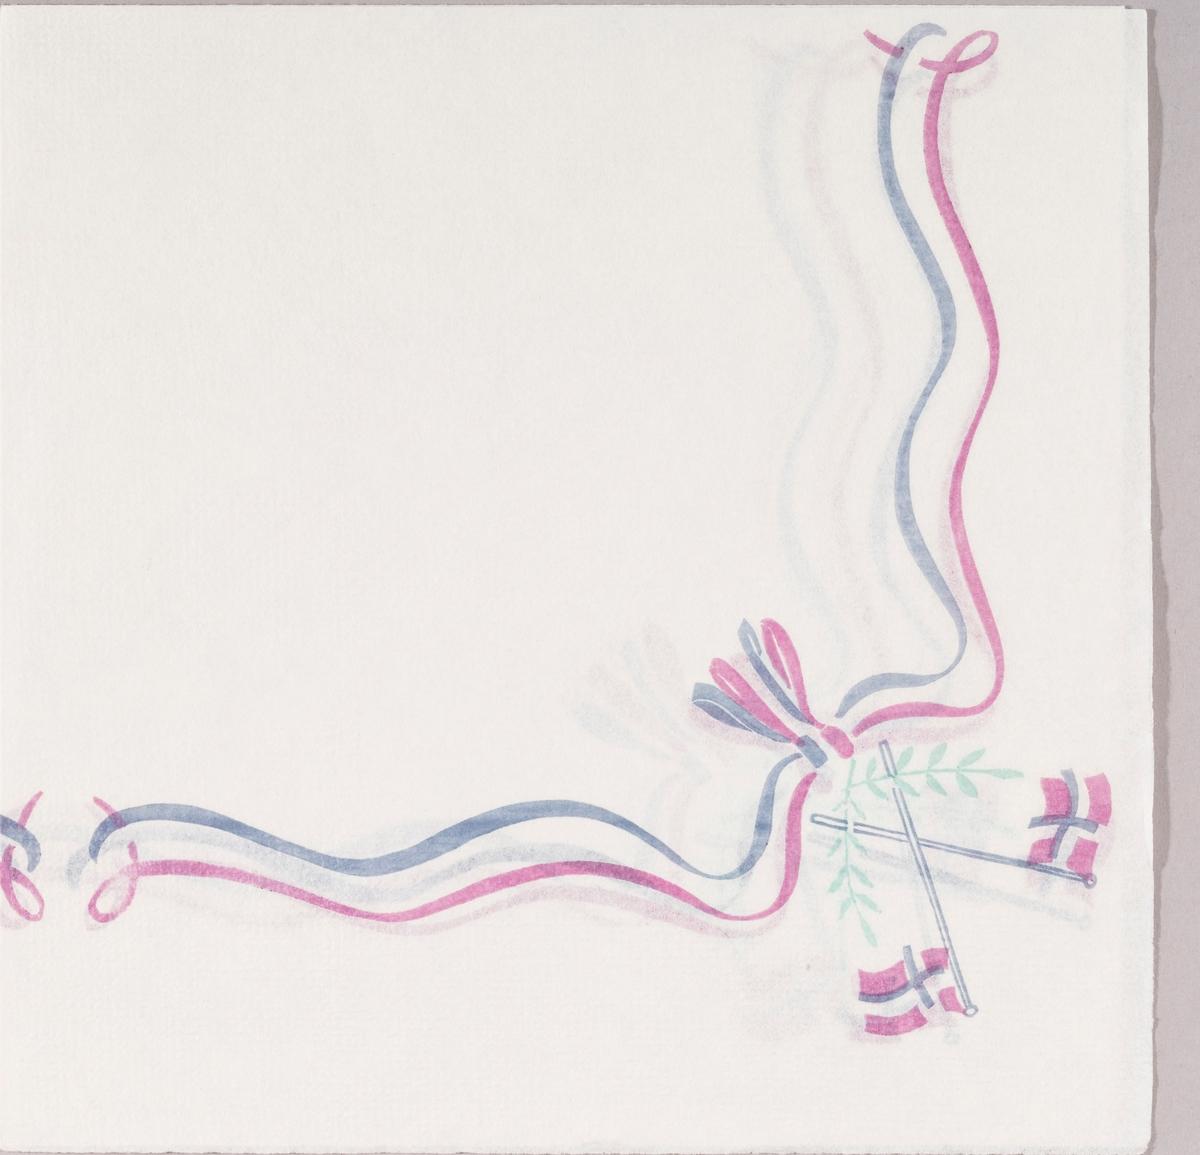 Et bånd i lilla og rosa med sløyfe. To norske flagg i kryss. To grønne blader.